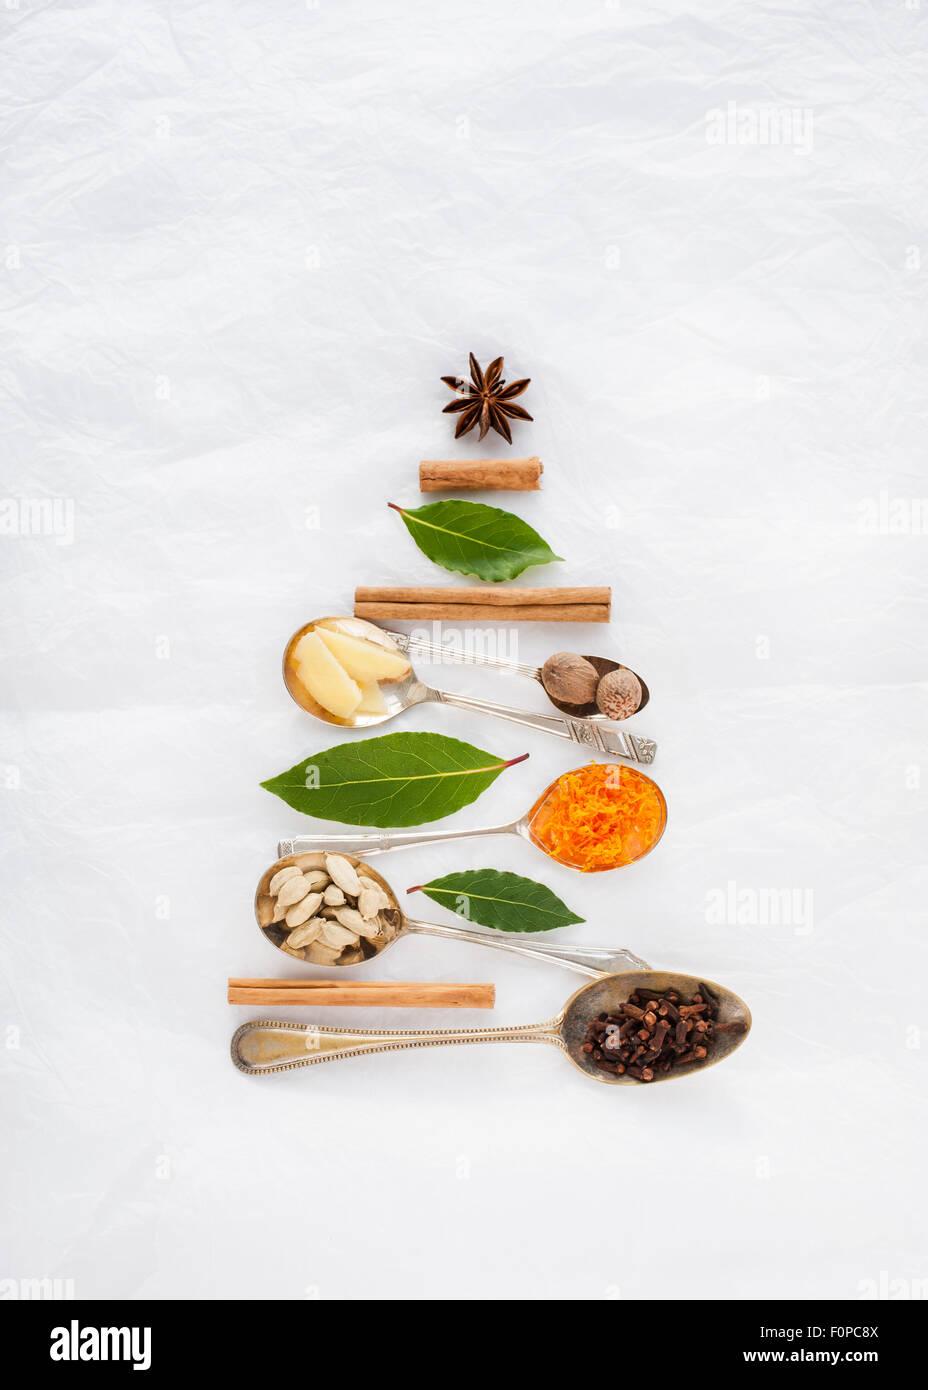 Une forme d'arbre de Noël fait avec des cuillères et des épices cannelle muscade anis étoile Photo Stock